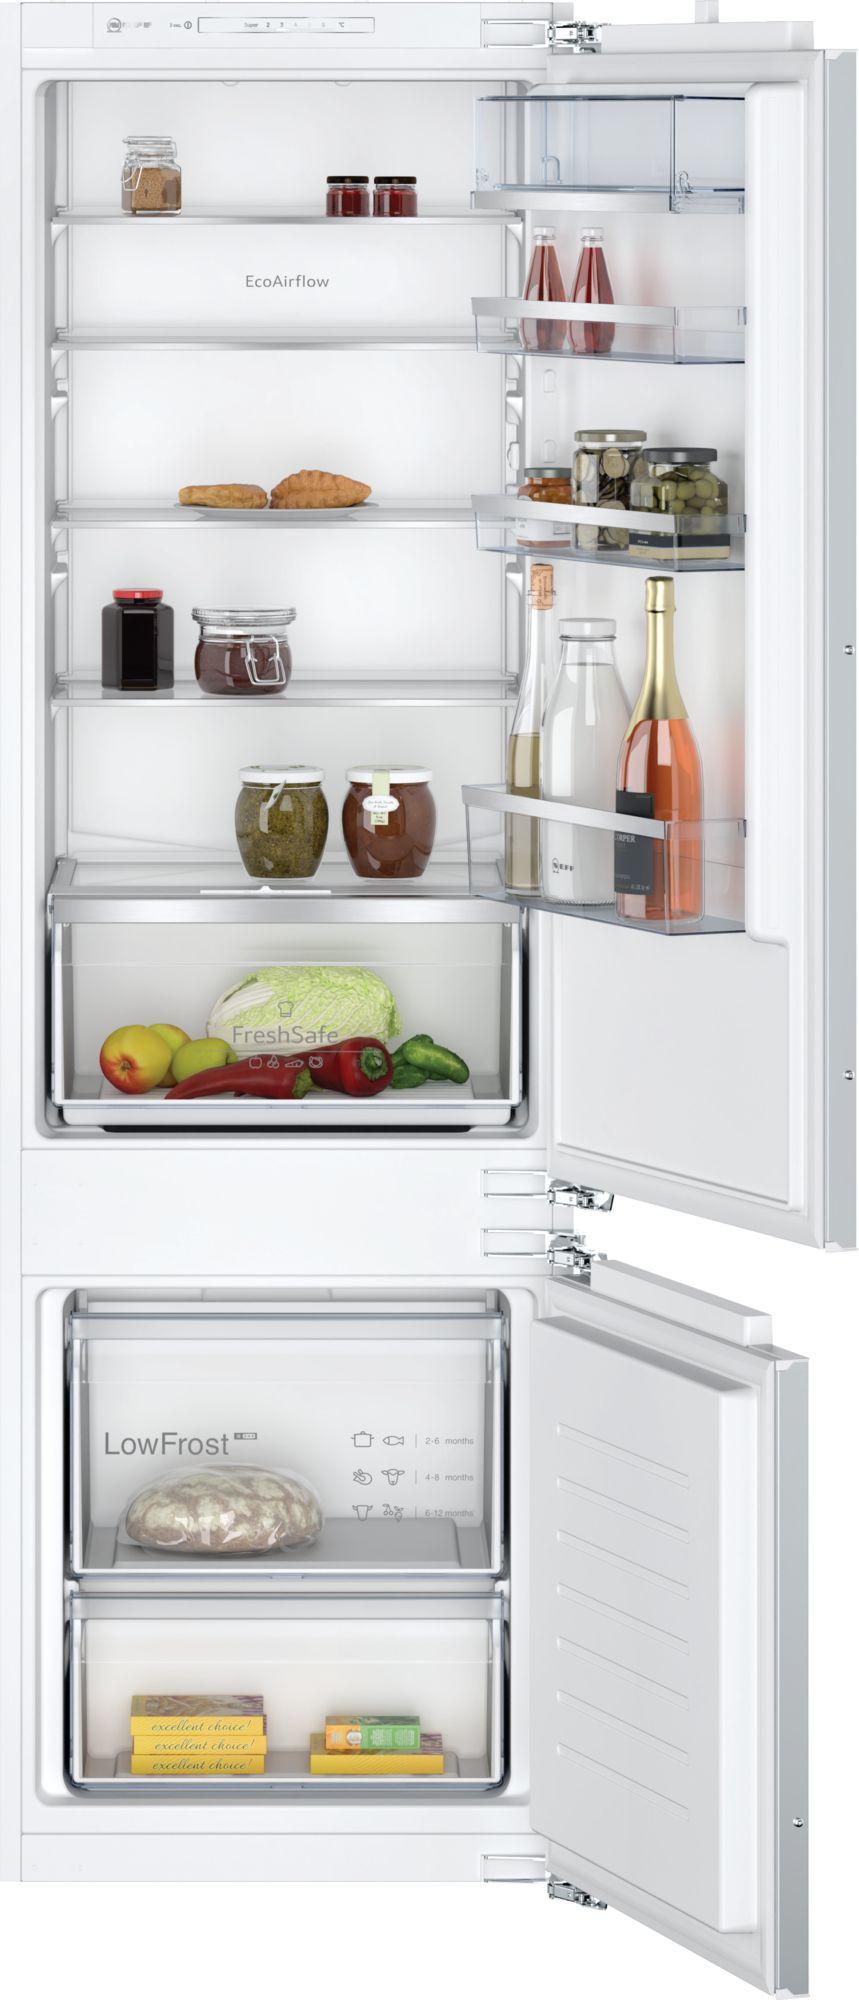 Neff N50 Built-In Fridge-Freezer 177.2 x 54.1cm KI5872FE0G